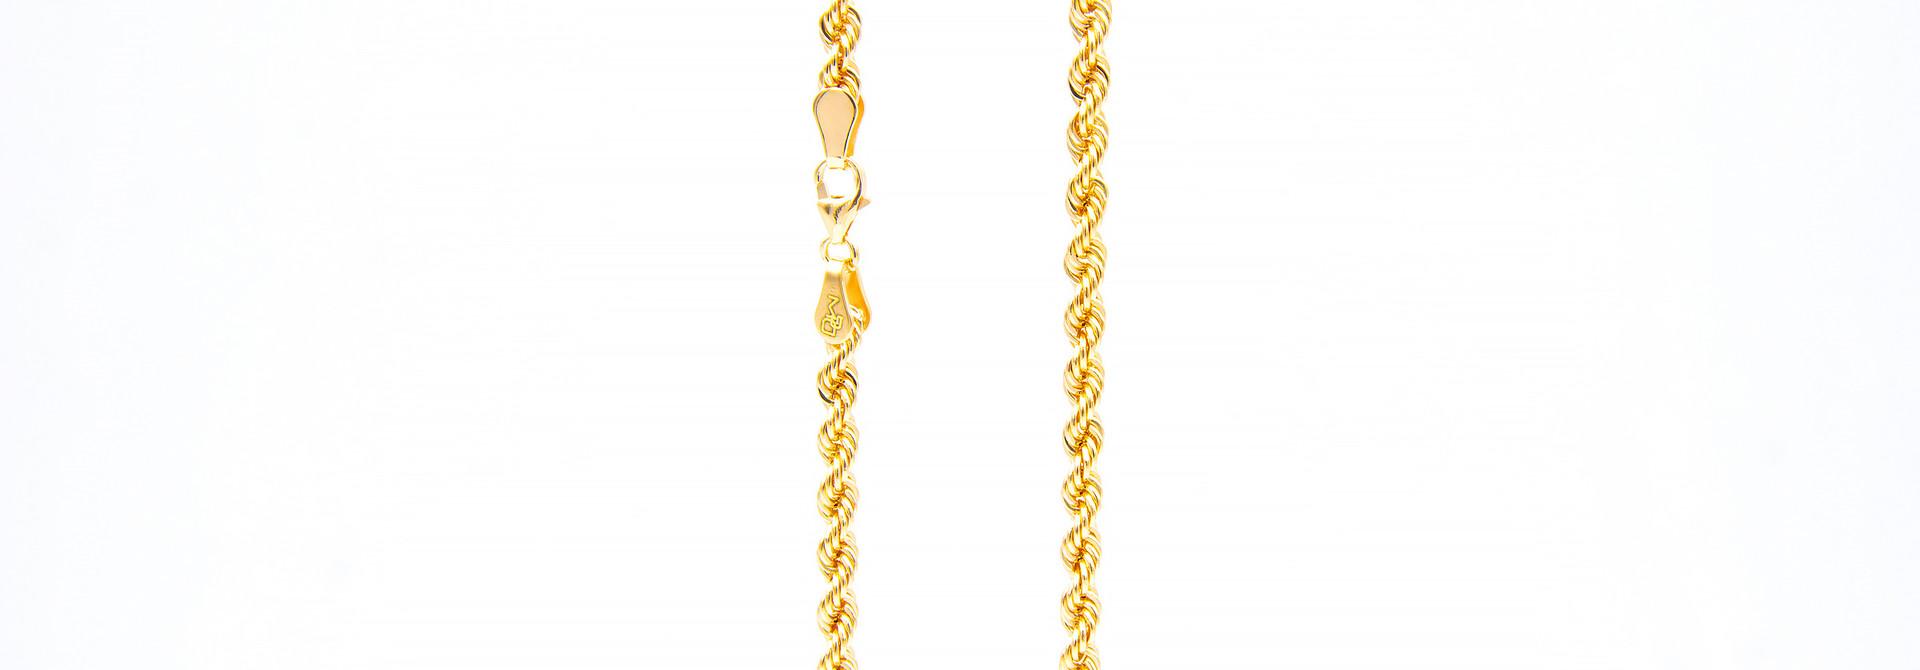 Rope chain roségoud 14kt 3mm